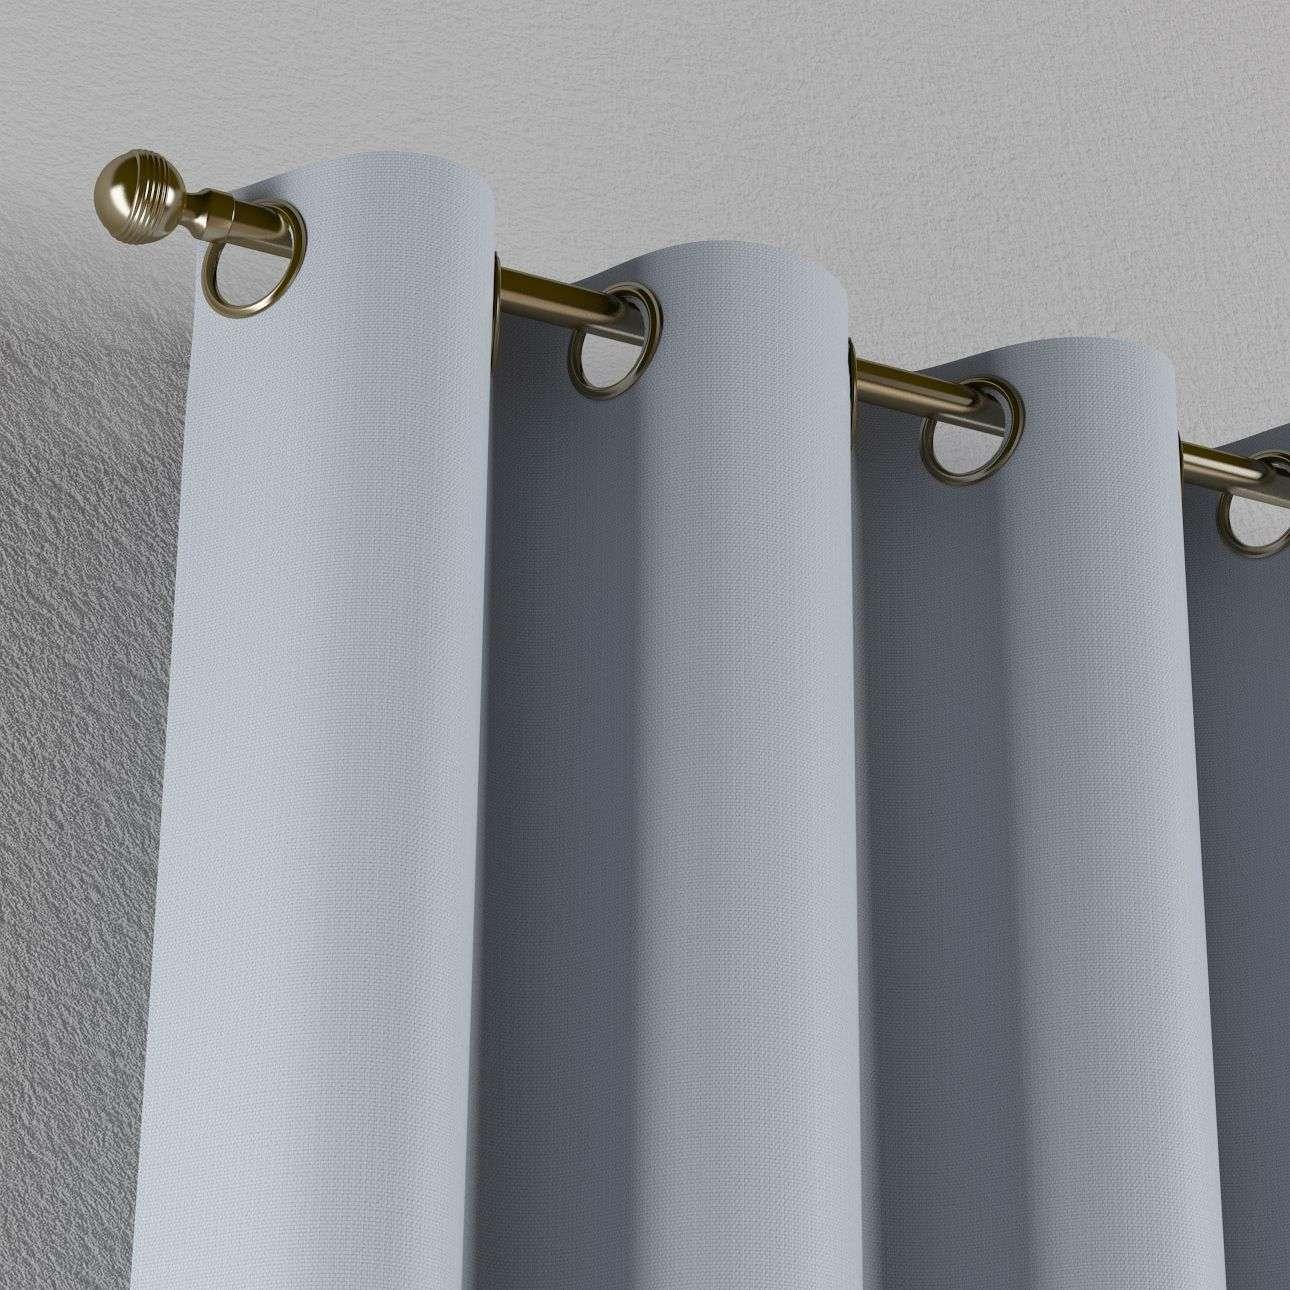 Gardin mørklægning med øskner 140 × 260 cm fra kollektionen Blackout mørklægning, Stof: 269-62